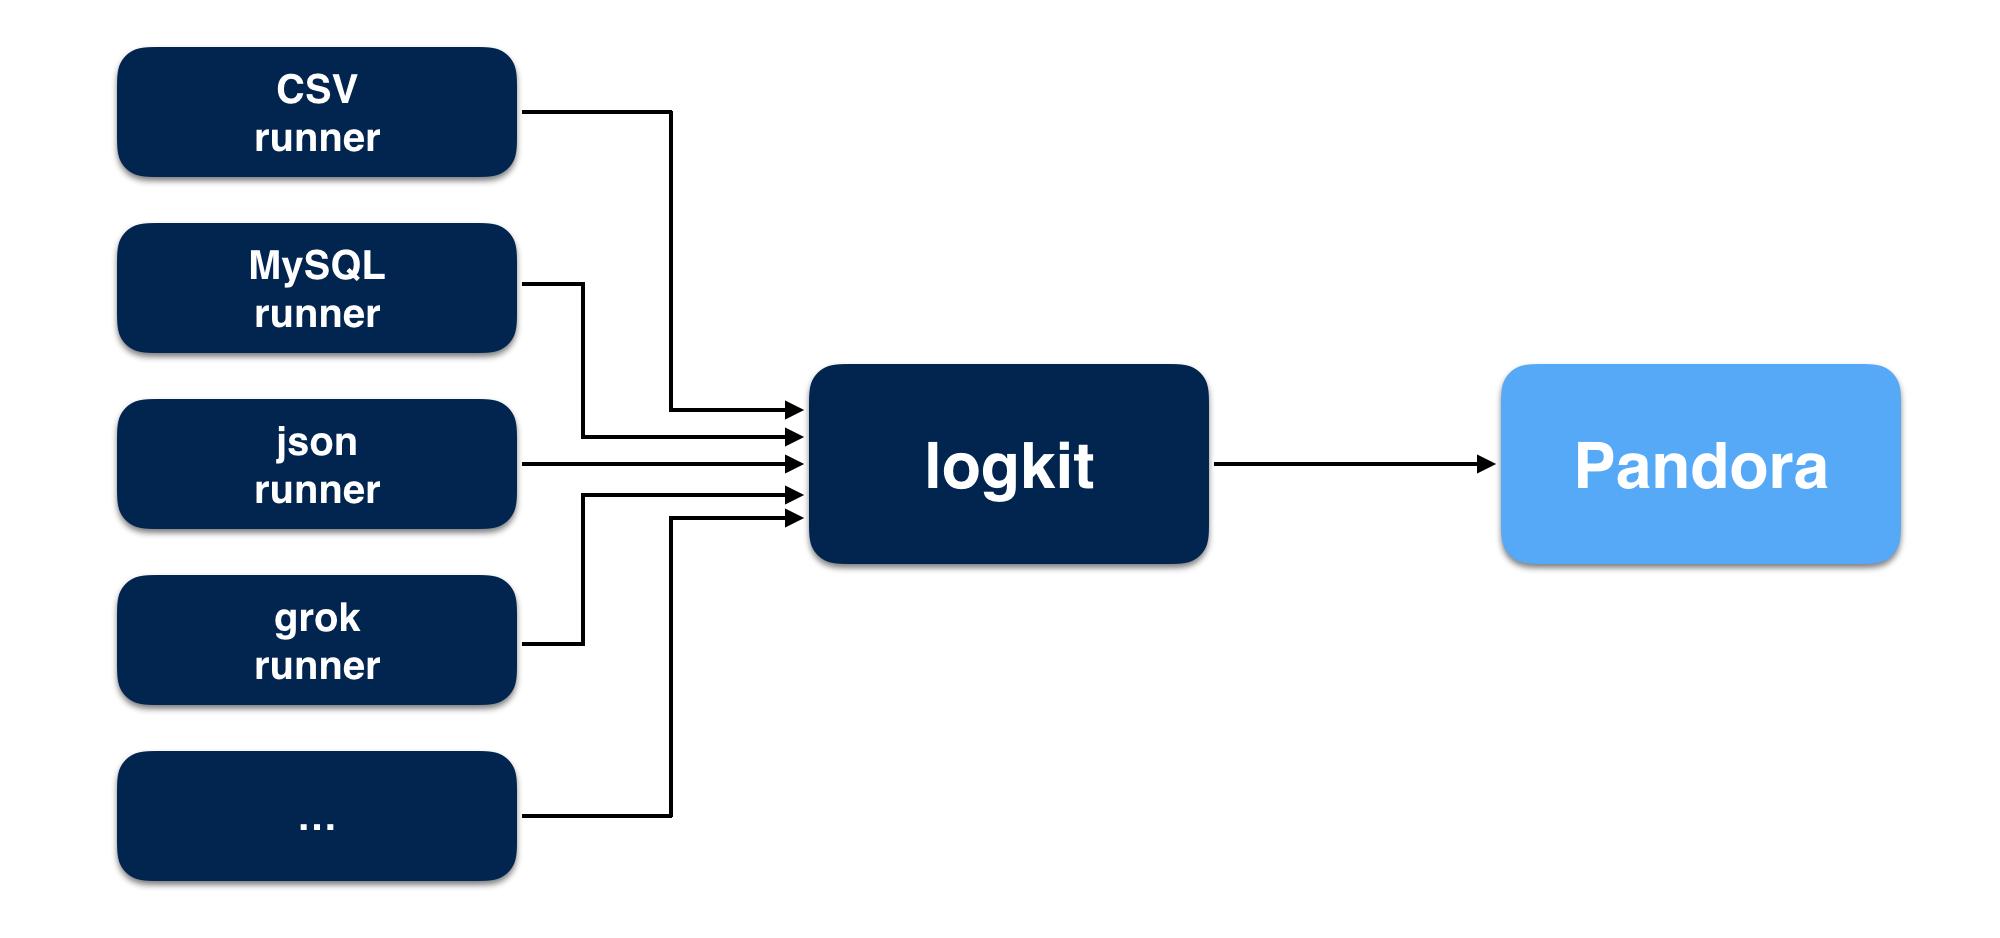 logkit workaround